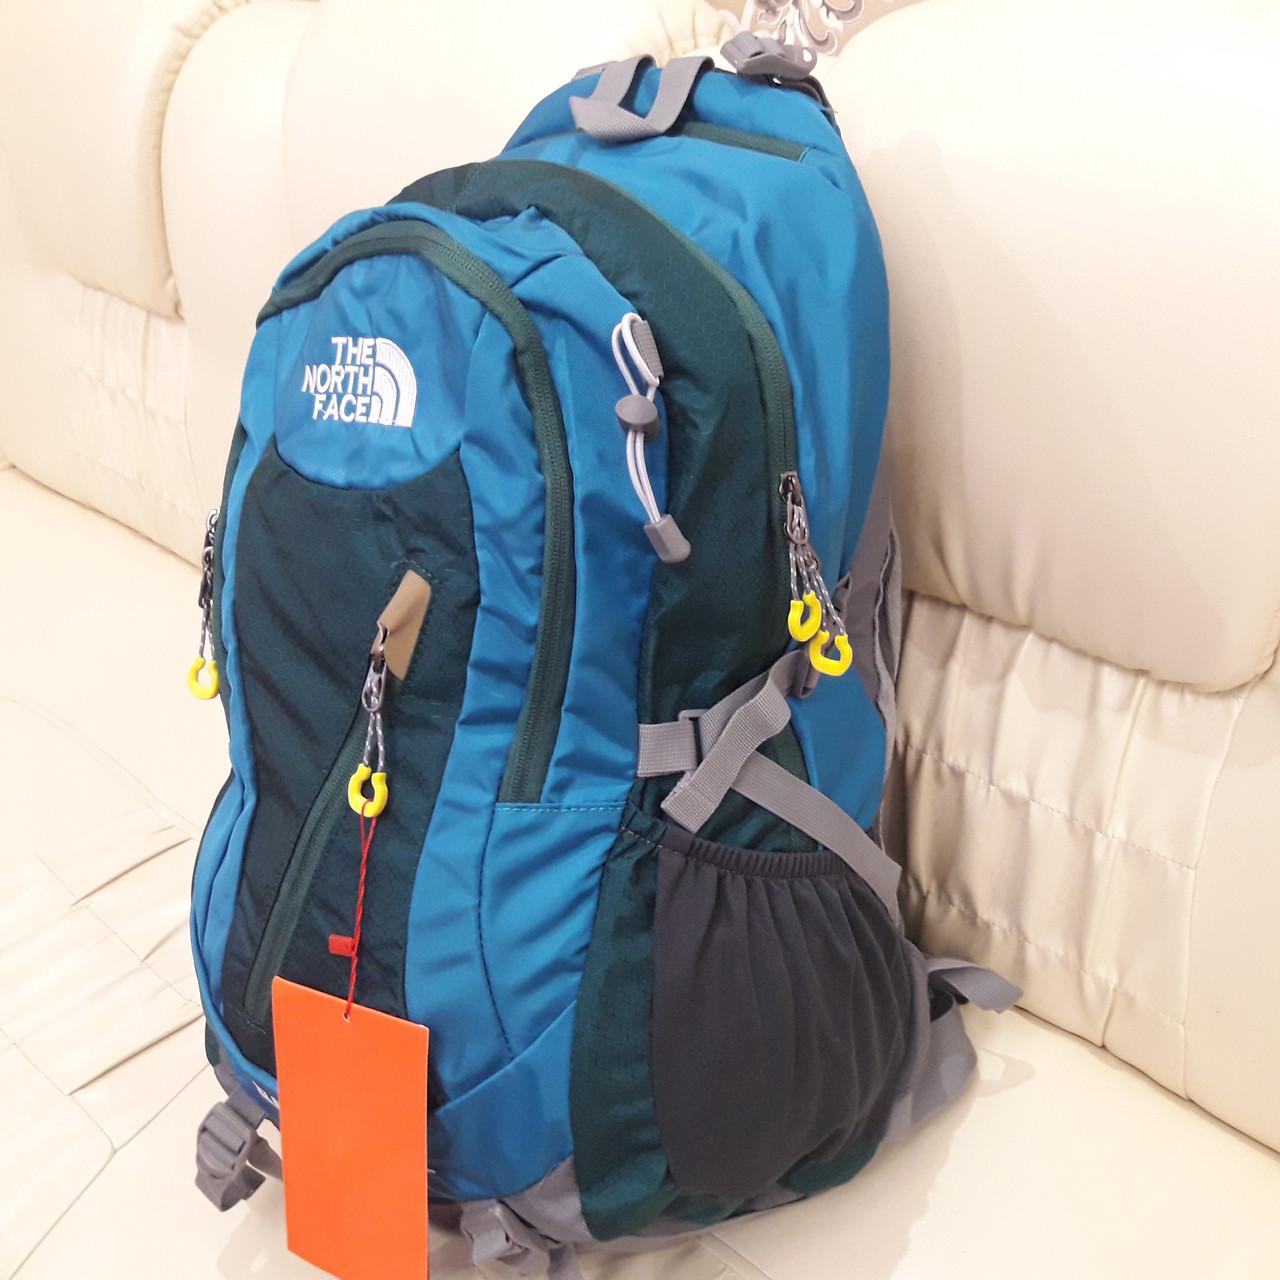 Повседневный спортивный рюкзак The North Face Blue 45 литров стильный